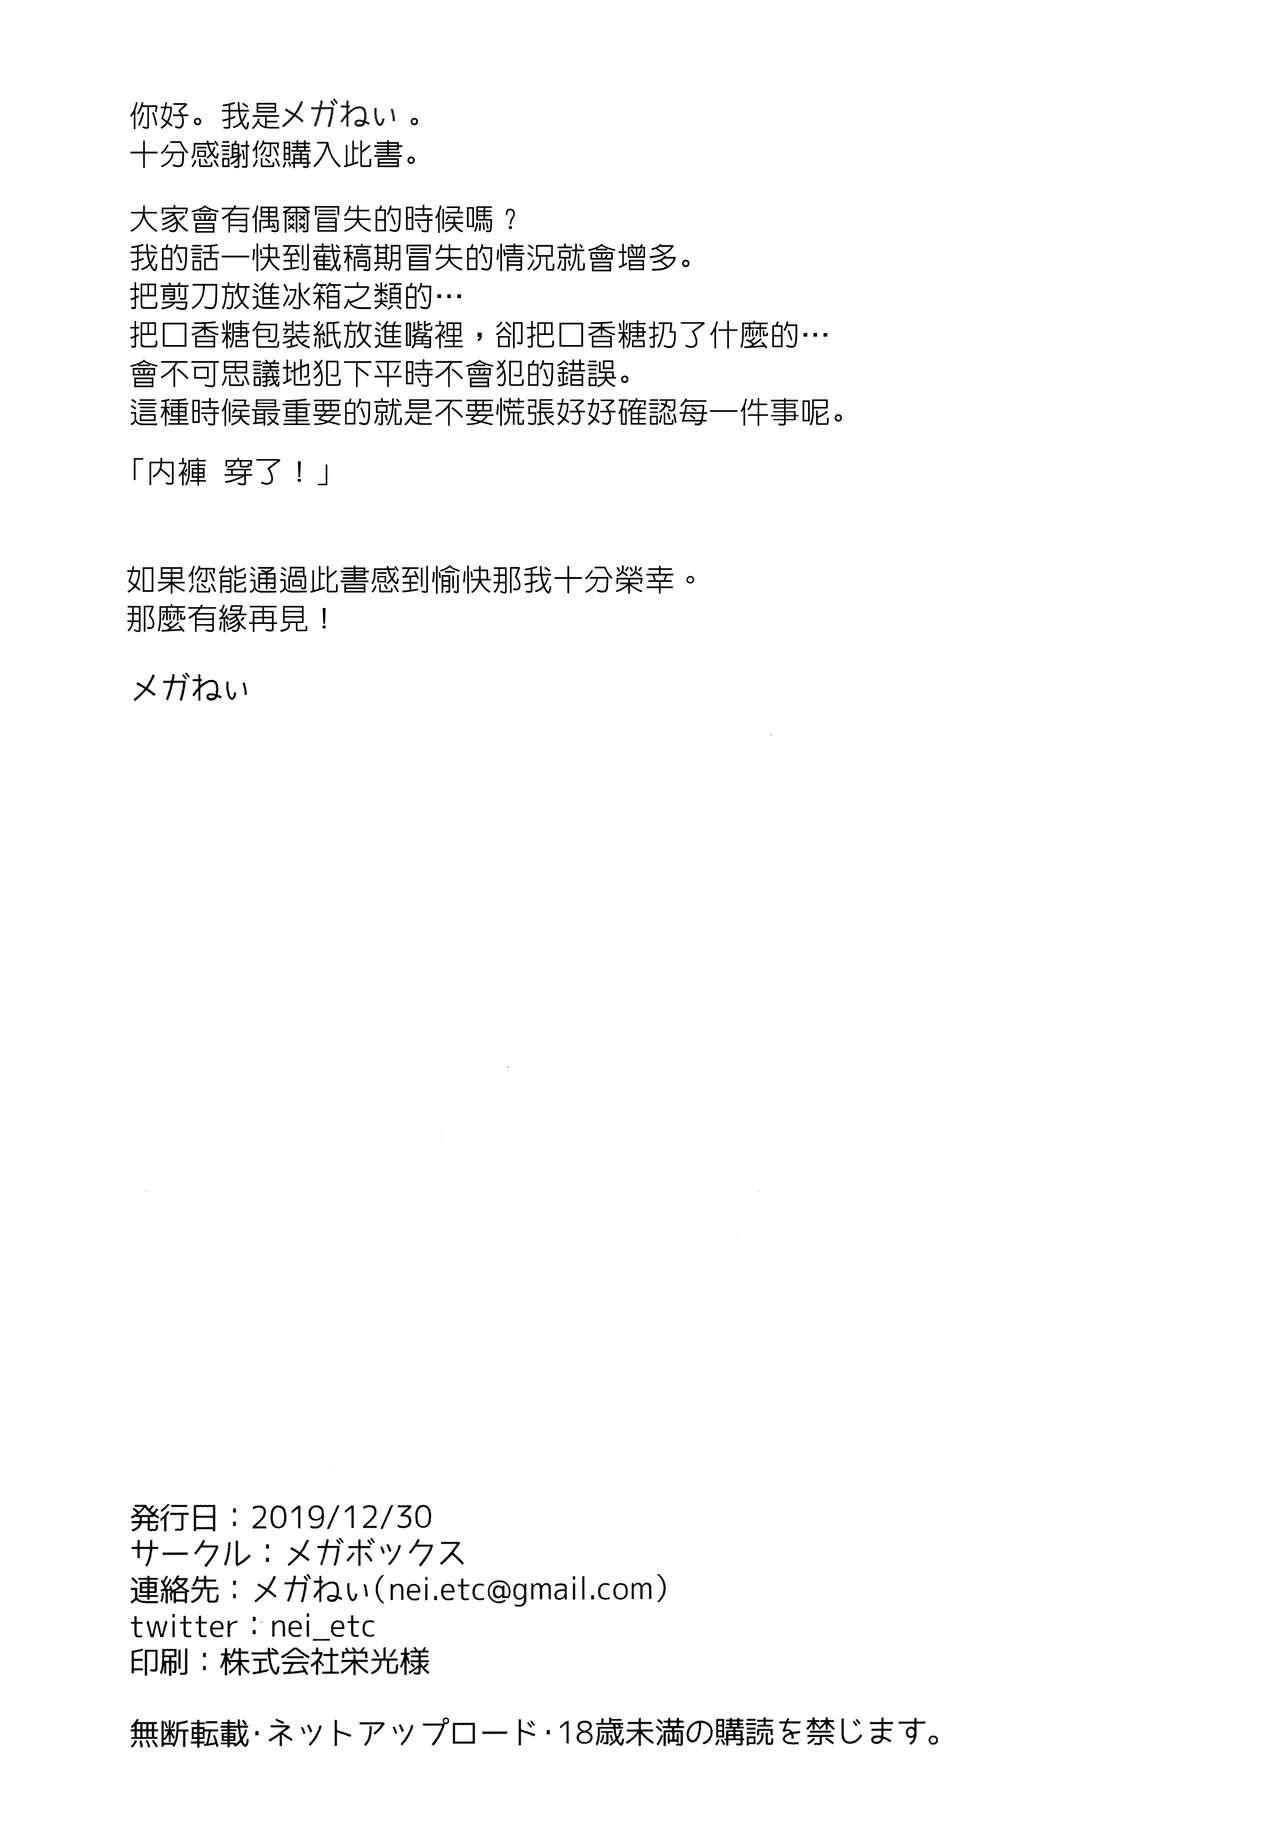 Onizuka-san Panty Wasureru 27